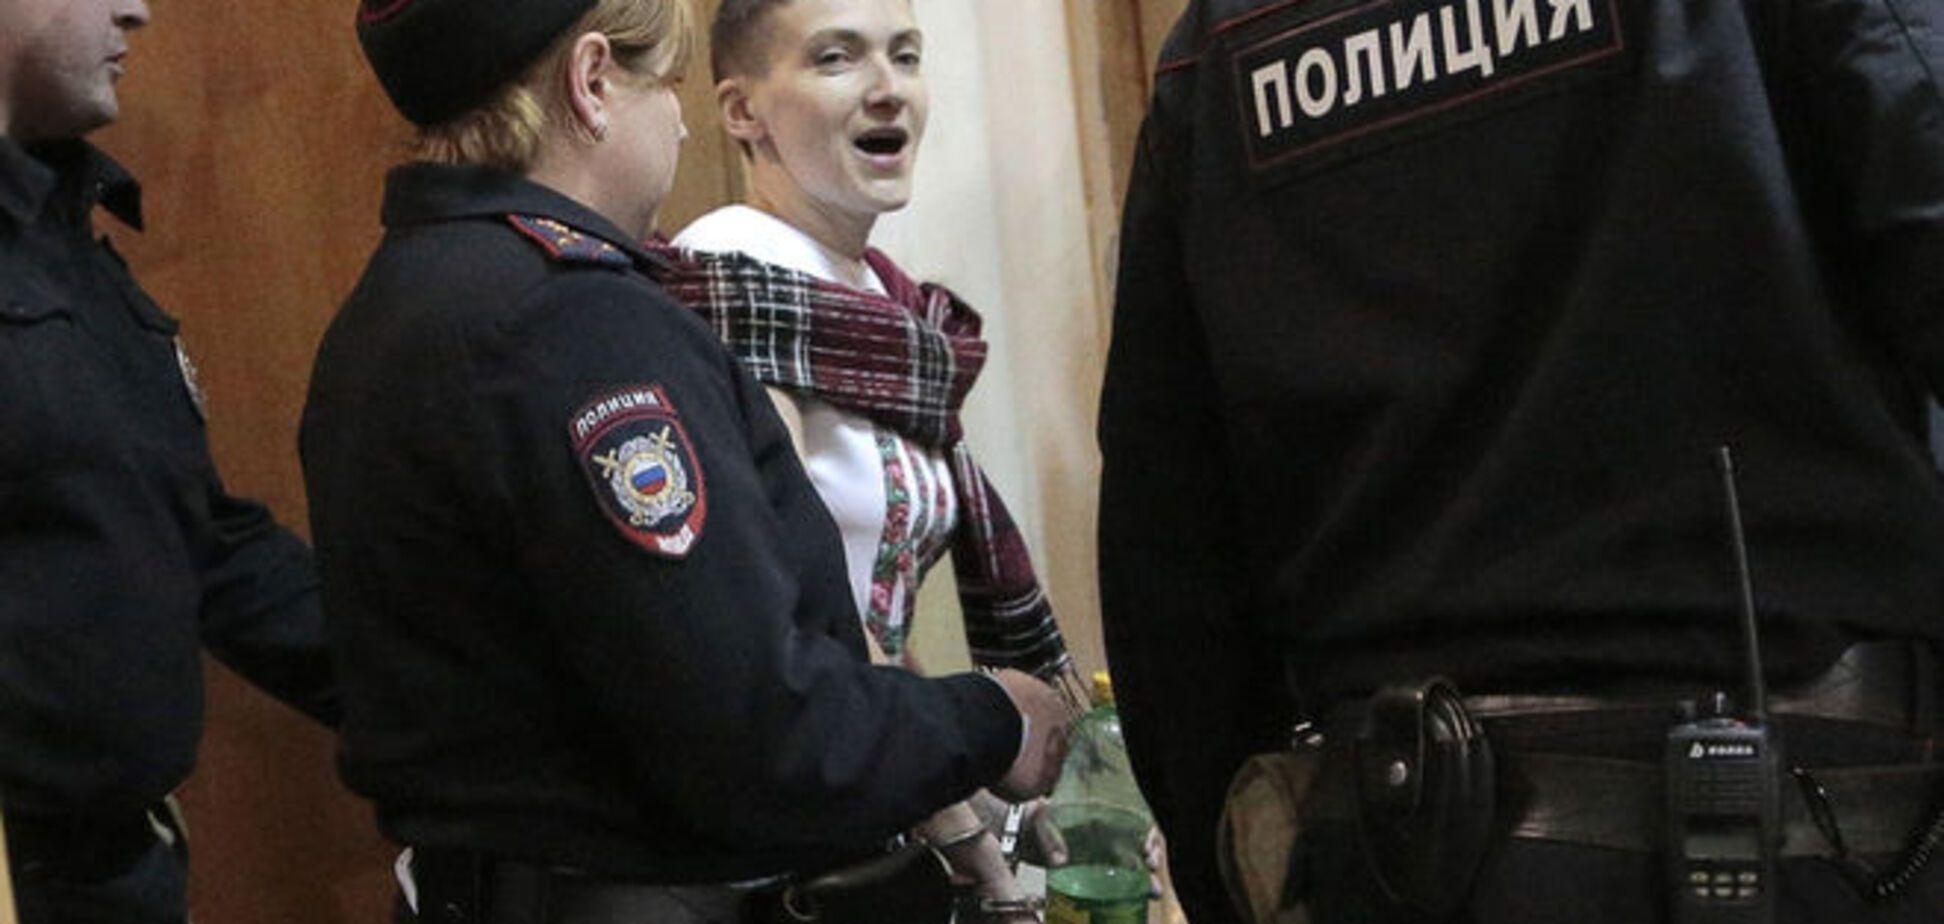 Савченко - Вовку з СБУ: вас попрошу не сунути свій ніс у мою справу